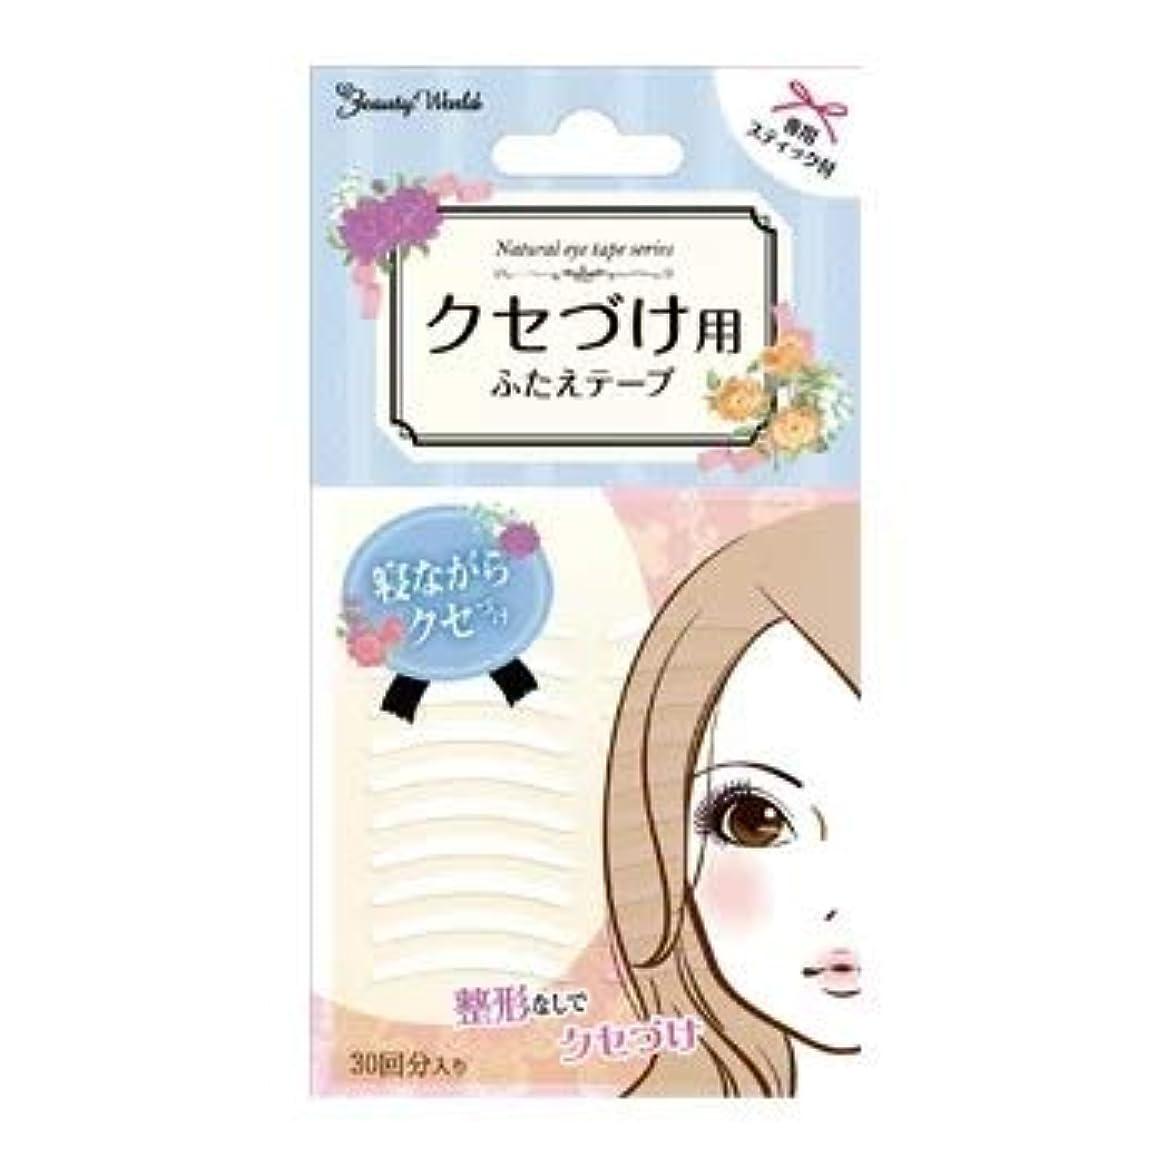 毛皮用心する果てしないふたえ用テープ(両面) ENT301 30回分 スティック付き 日本製 メイク 化粧 アイメイク 目 ぱっちり 二重 ふたえ 変身 しっかり固定 自然 素肌 フィット 初心者 簡単 かわいい 女子 女の子